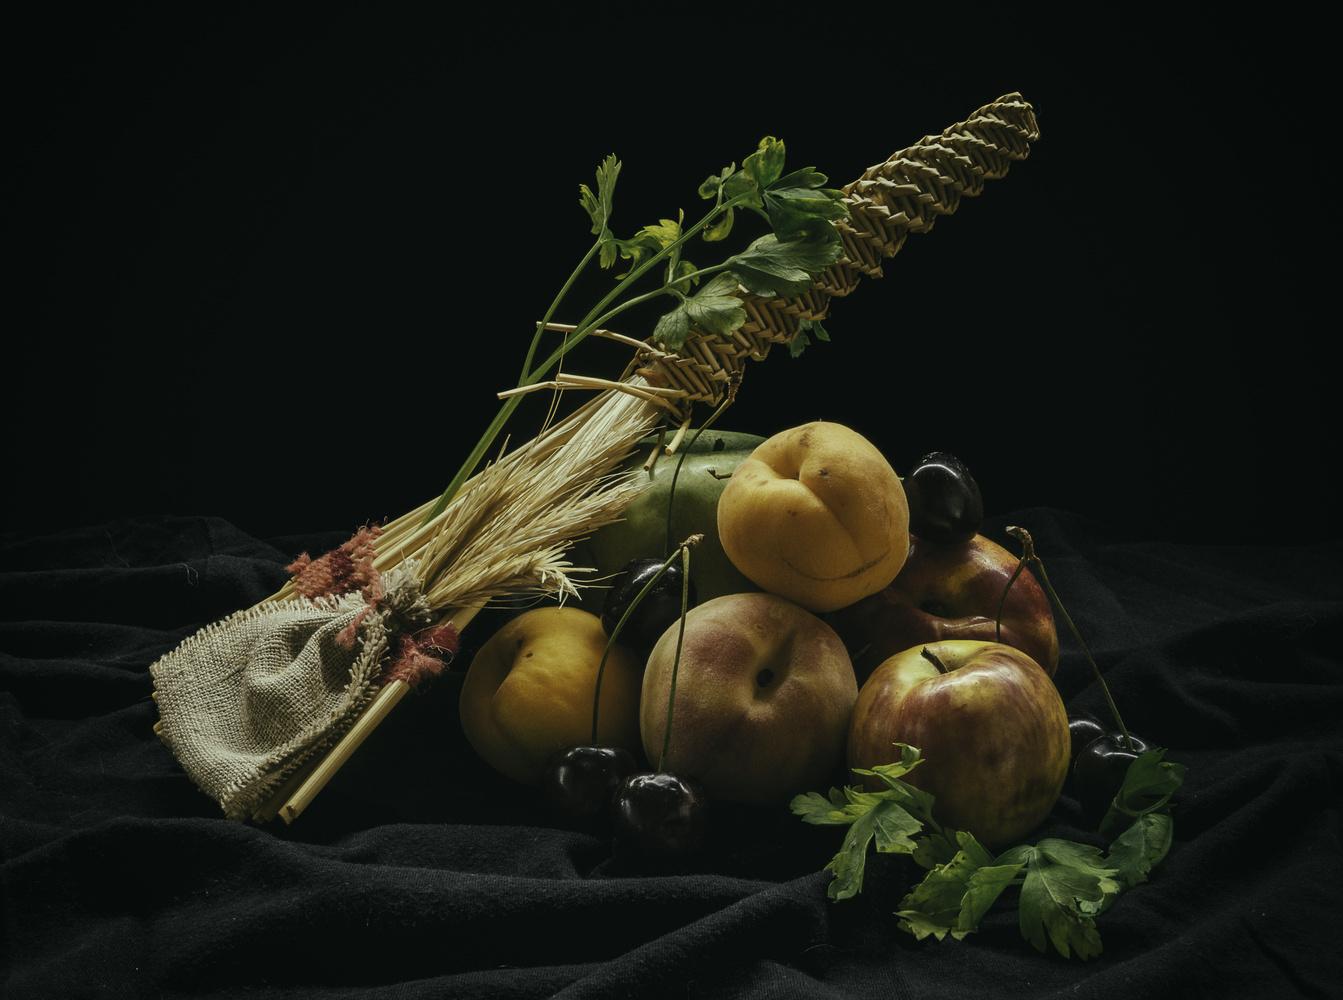 Fruit Naturmort by Kostya Levit Naddubov